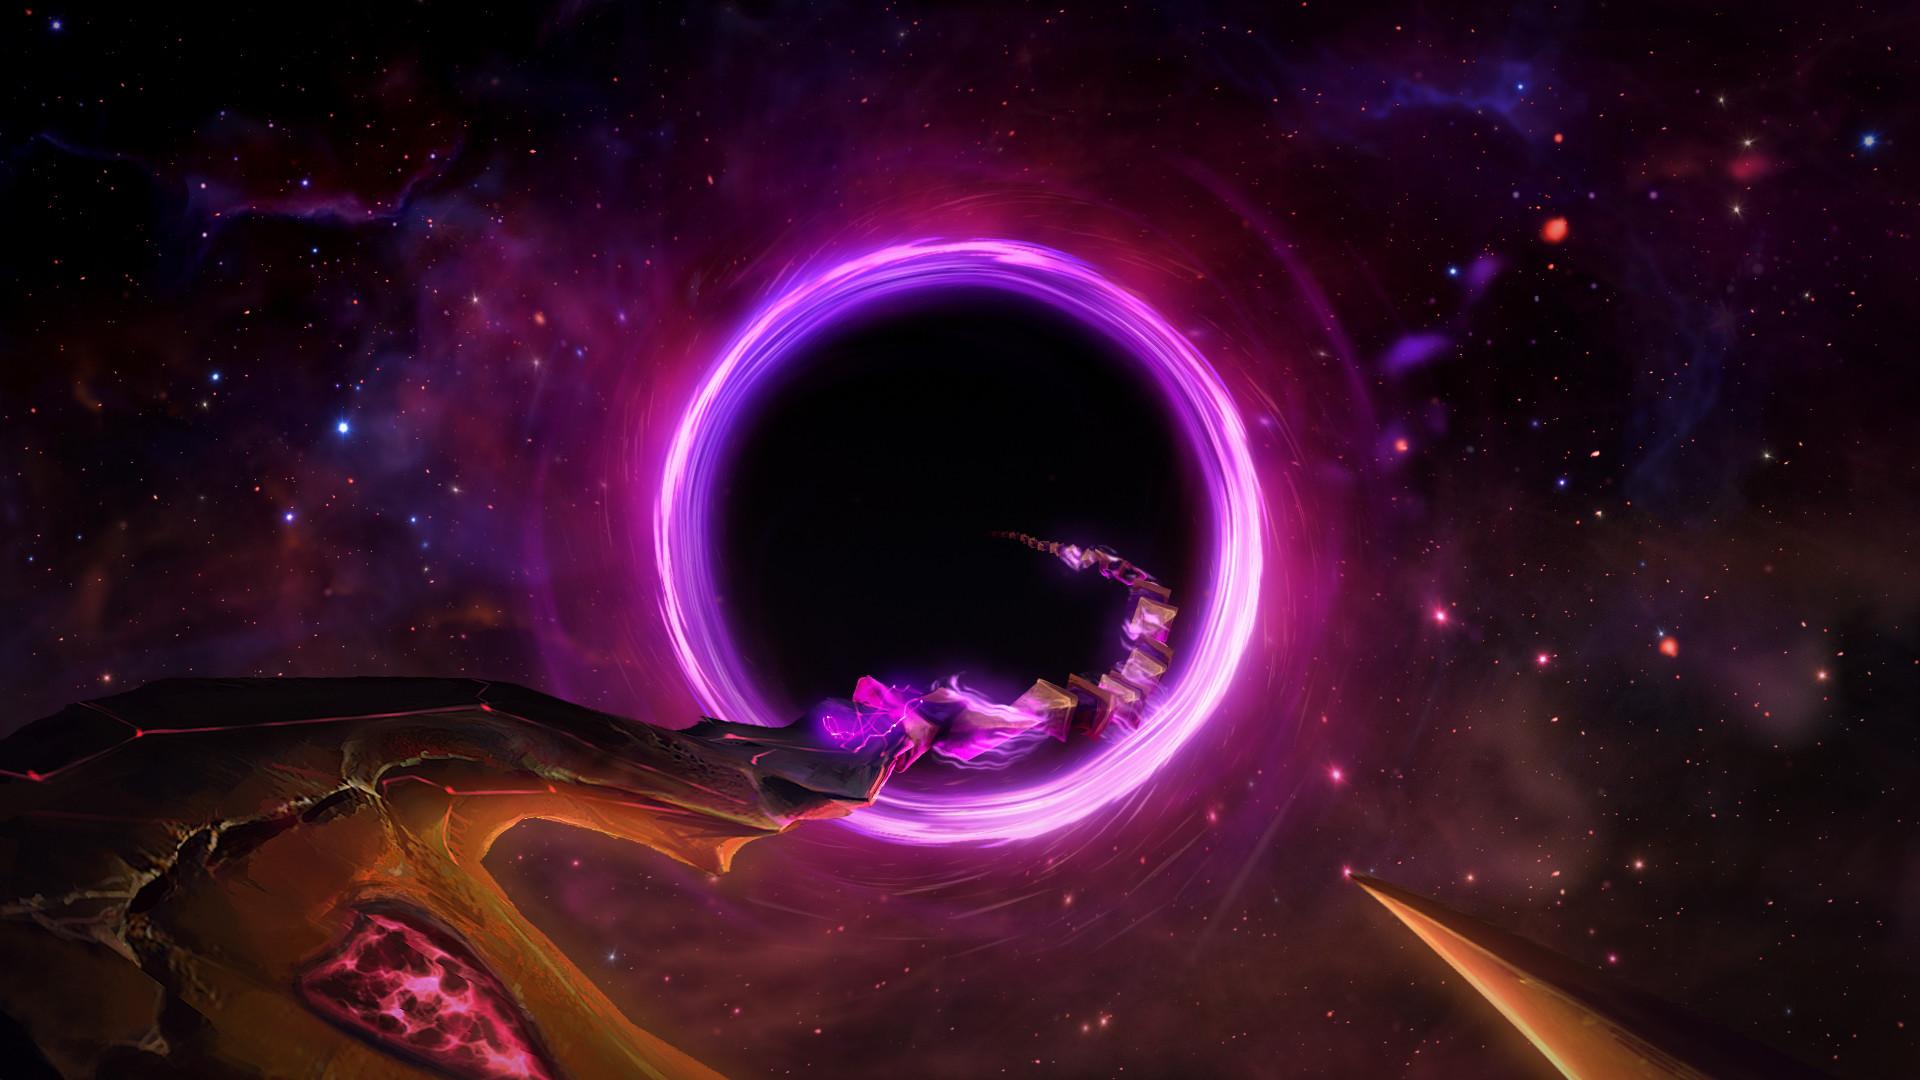 Video Game – League Of Legends Thresh (League Of Legends) Sci Fi Space Dark